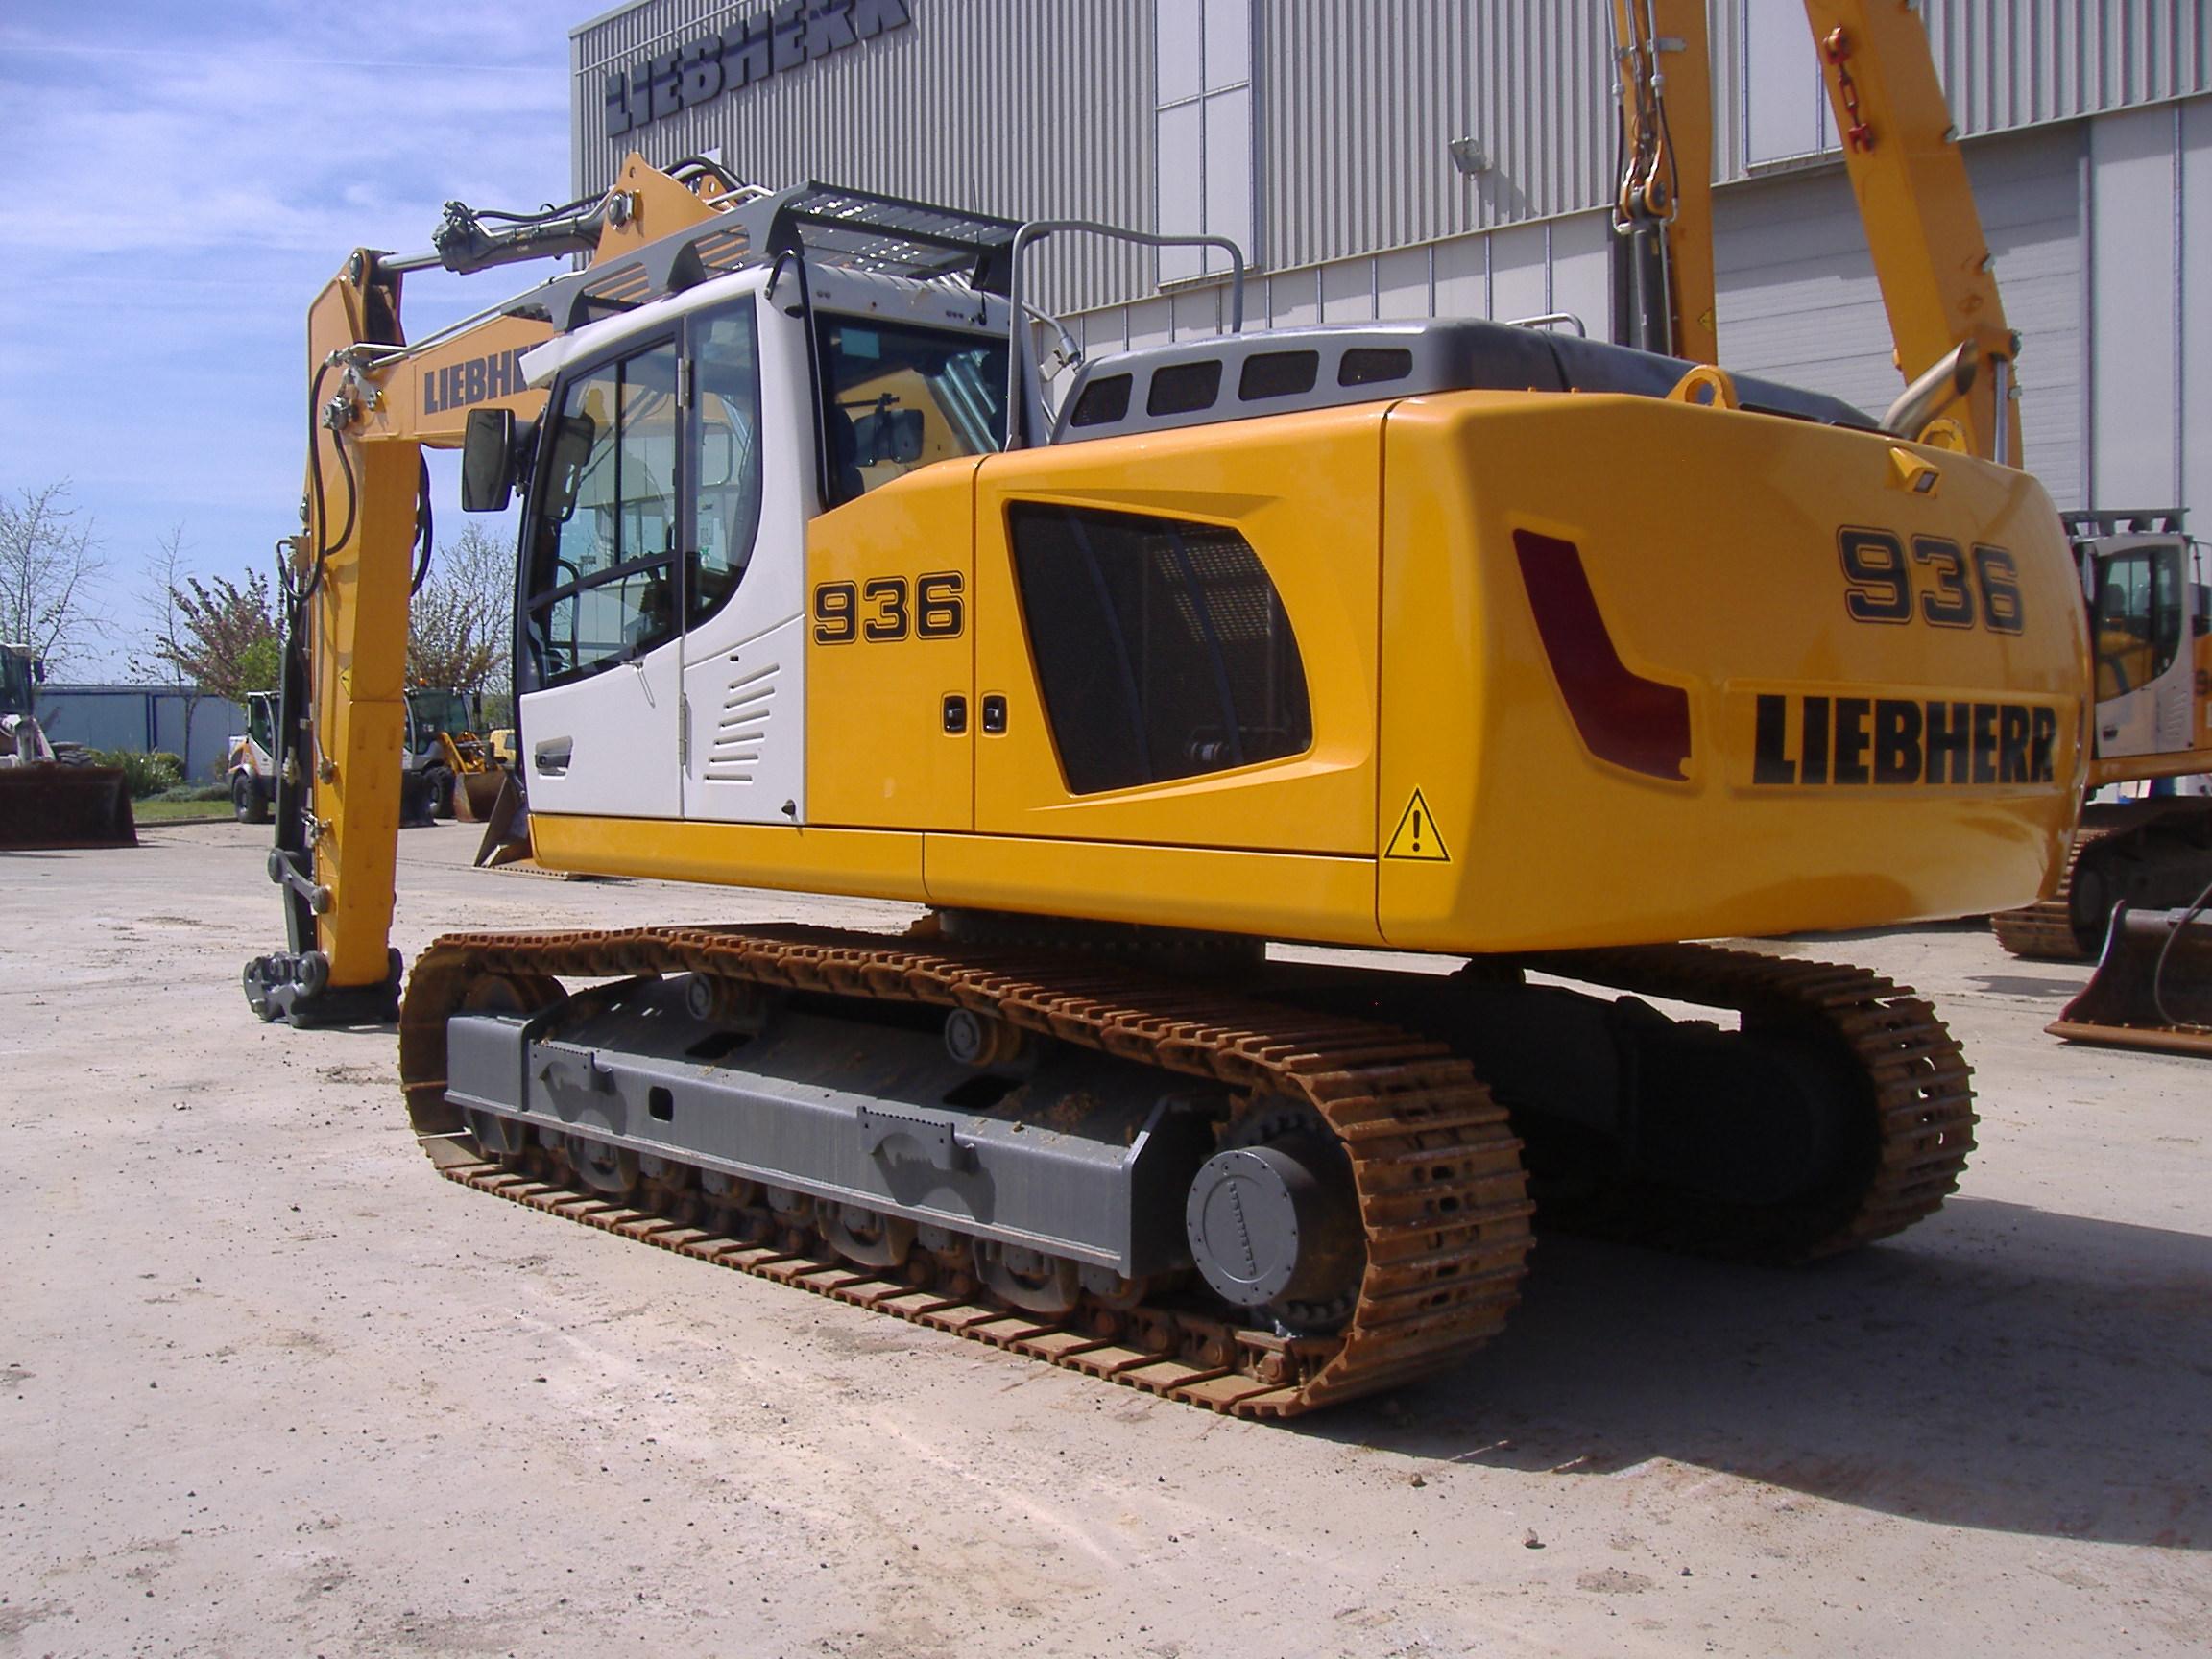 DSCF5405.JPG